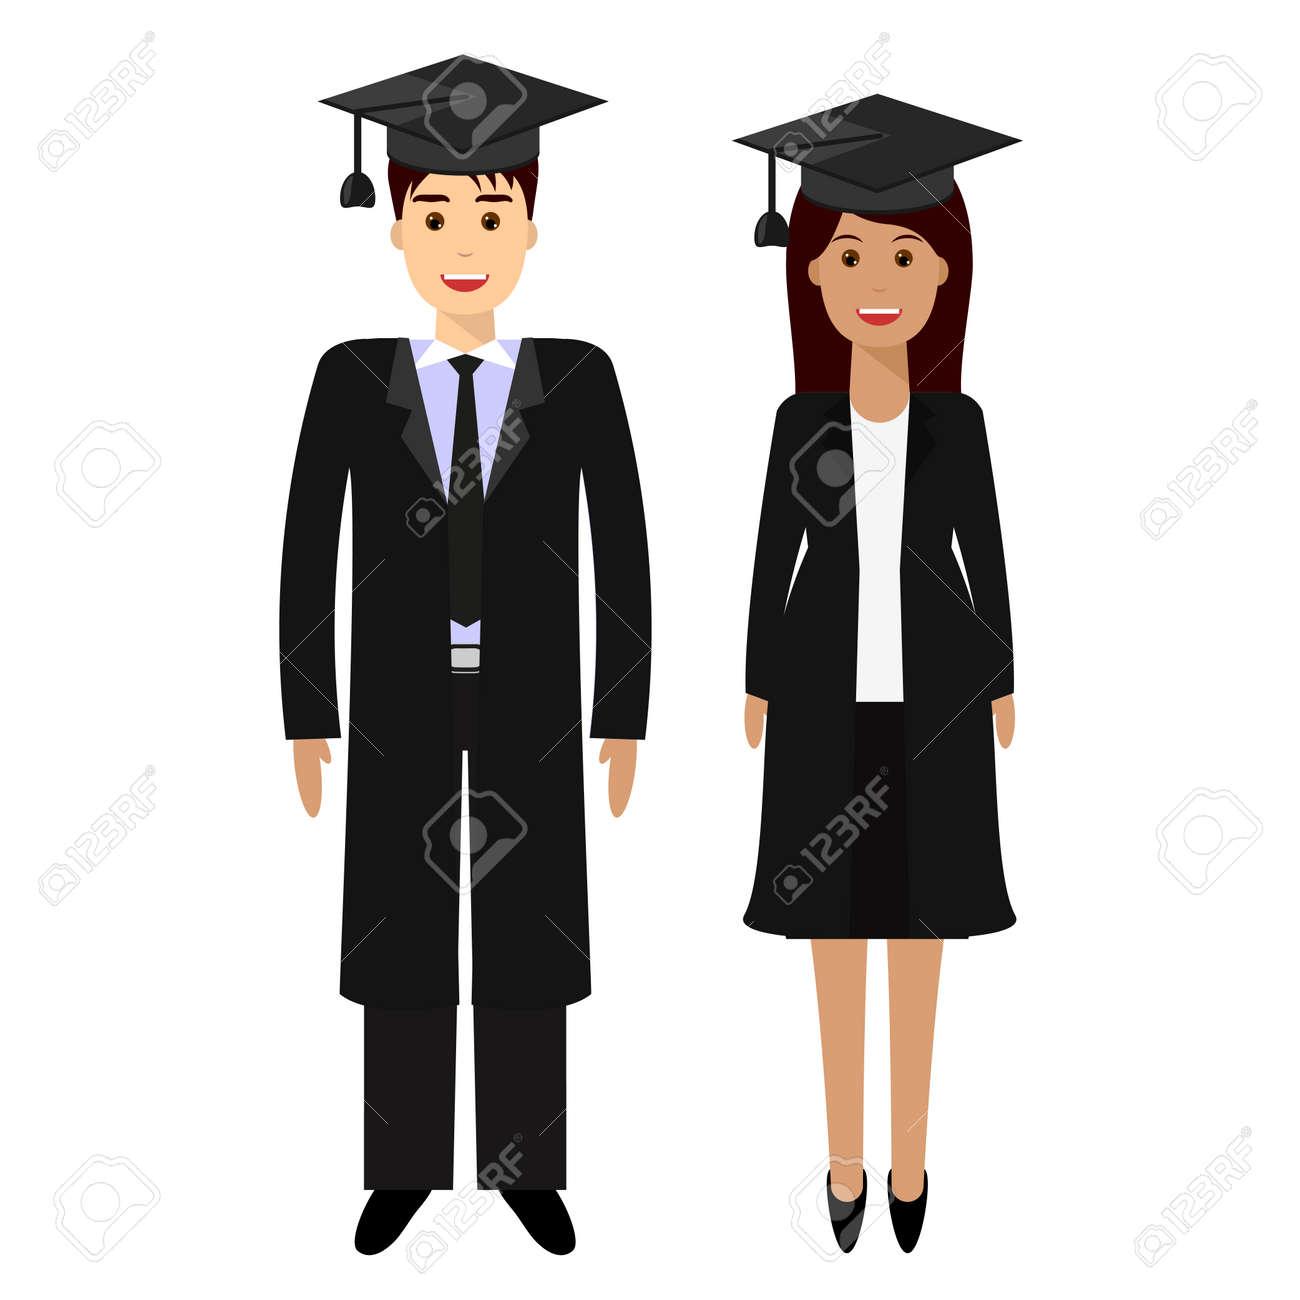 ebae0364e Foto de archivo - Ilustración plana moderna de la licenciatura graduada de  los jóvenes